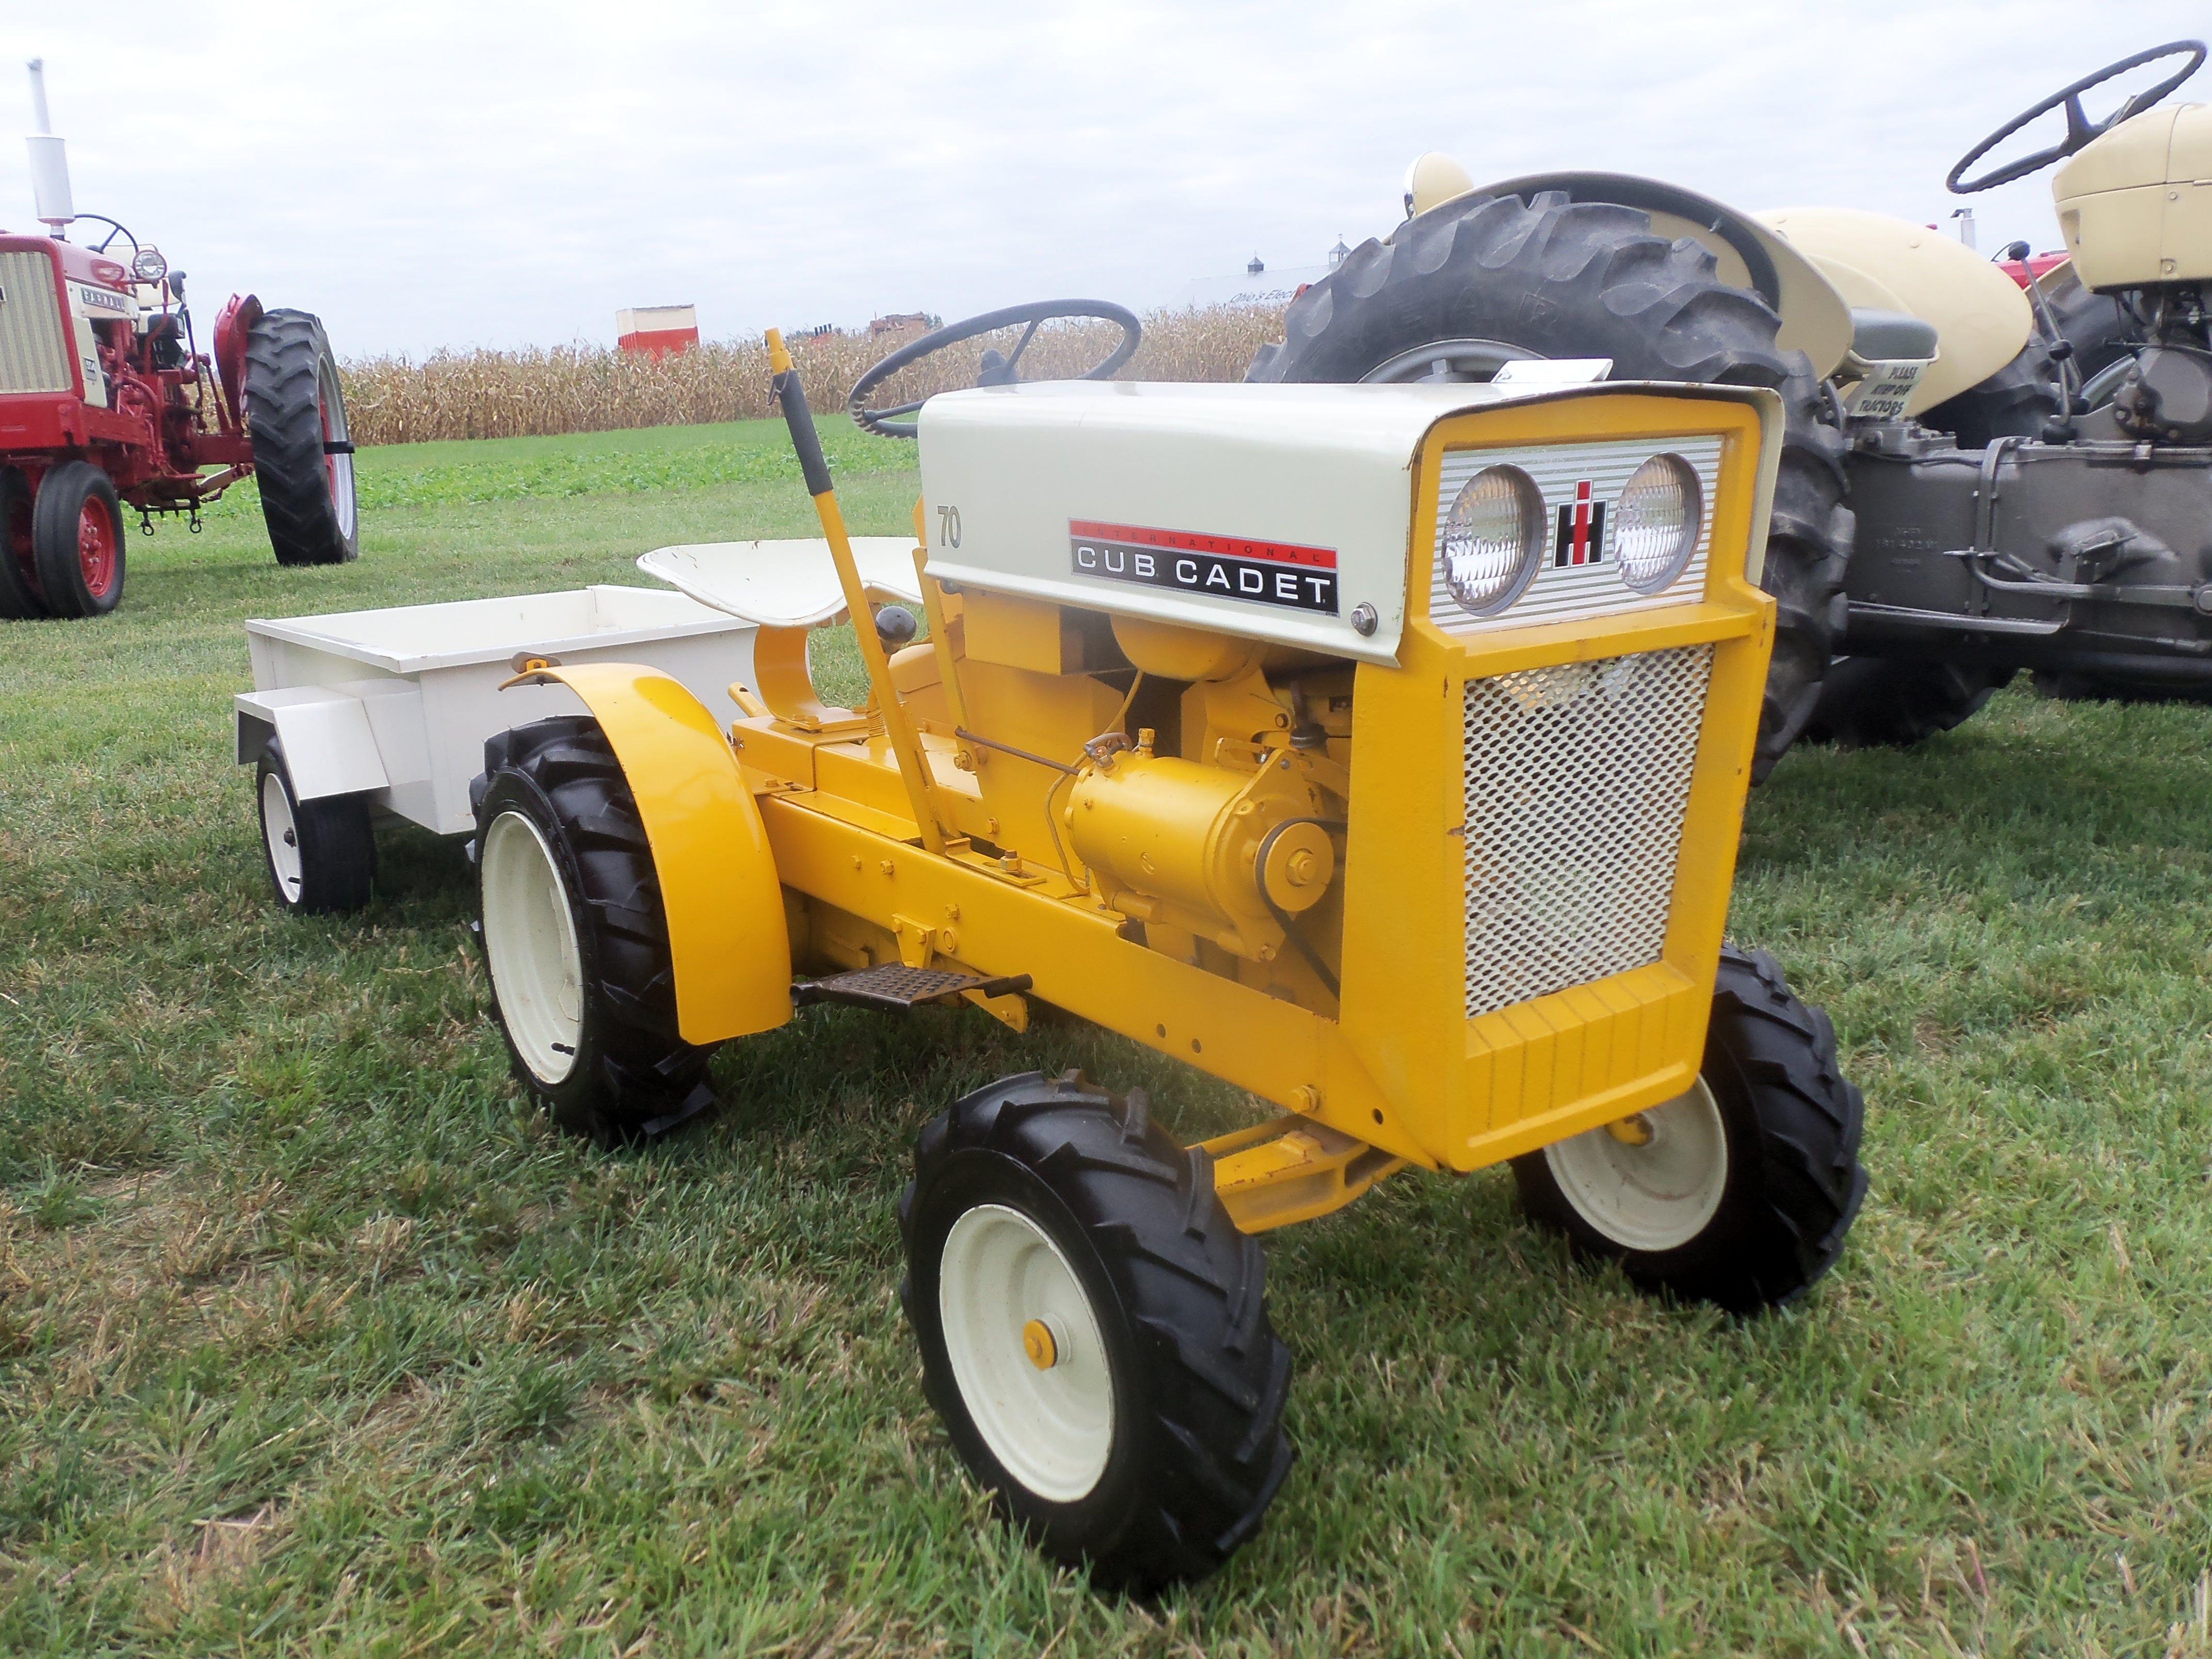 International Cub Cadet 70 Lawn Garden Tractor With White Wagon International Farmall